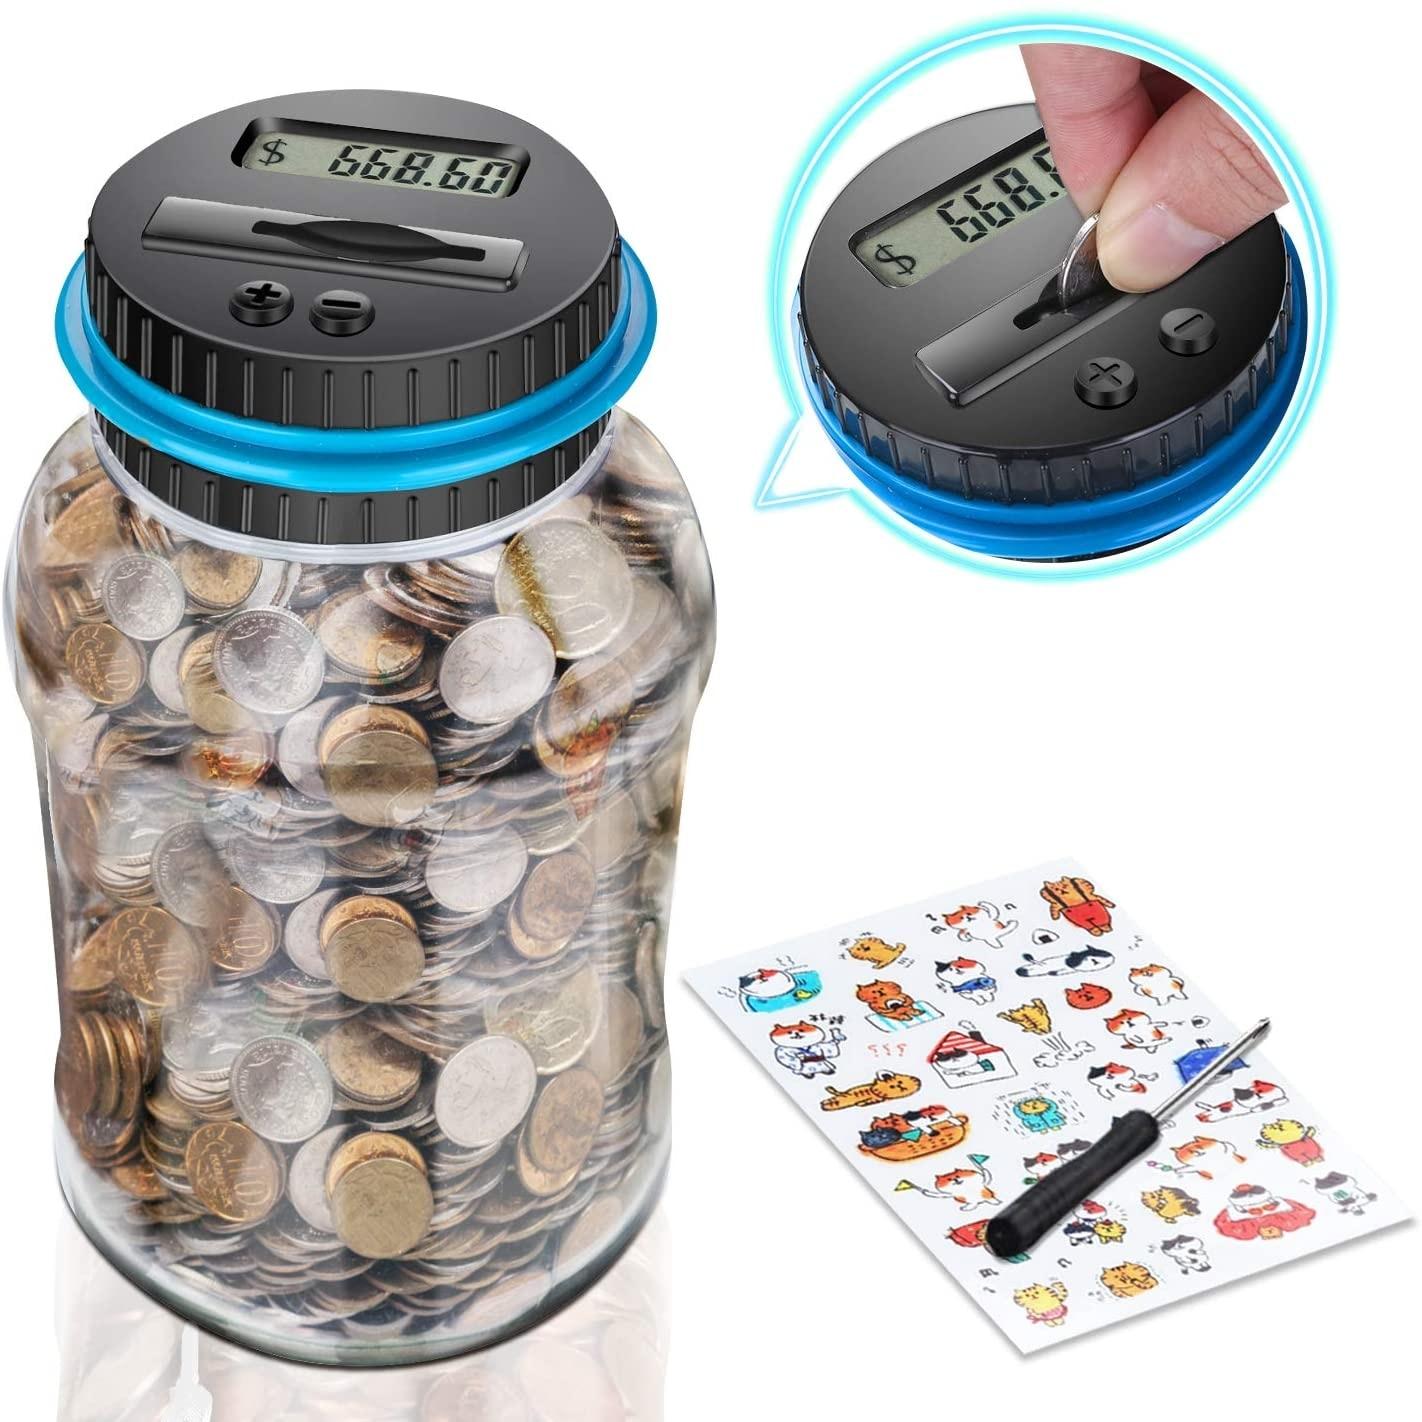 1,8l mealheiro contador moeda digital eletrônico lcd contando moeda caixa de poupança de dinheiro caixa de armazenamento de moedas jar 1.5l eur euro gbp dinheiro|Caixas de dinheiro|   -